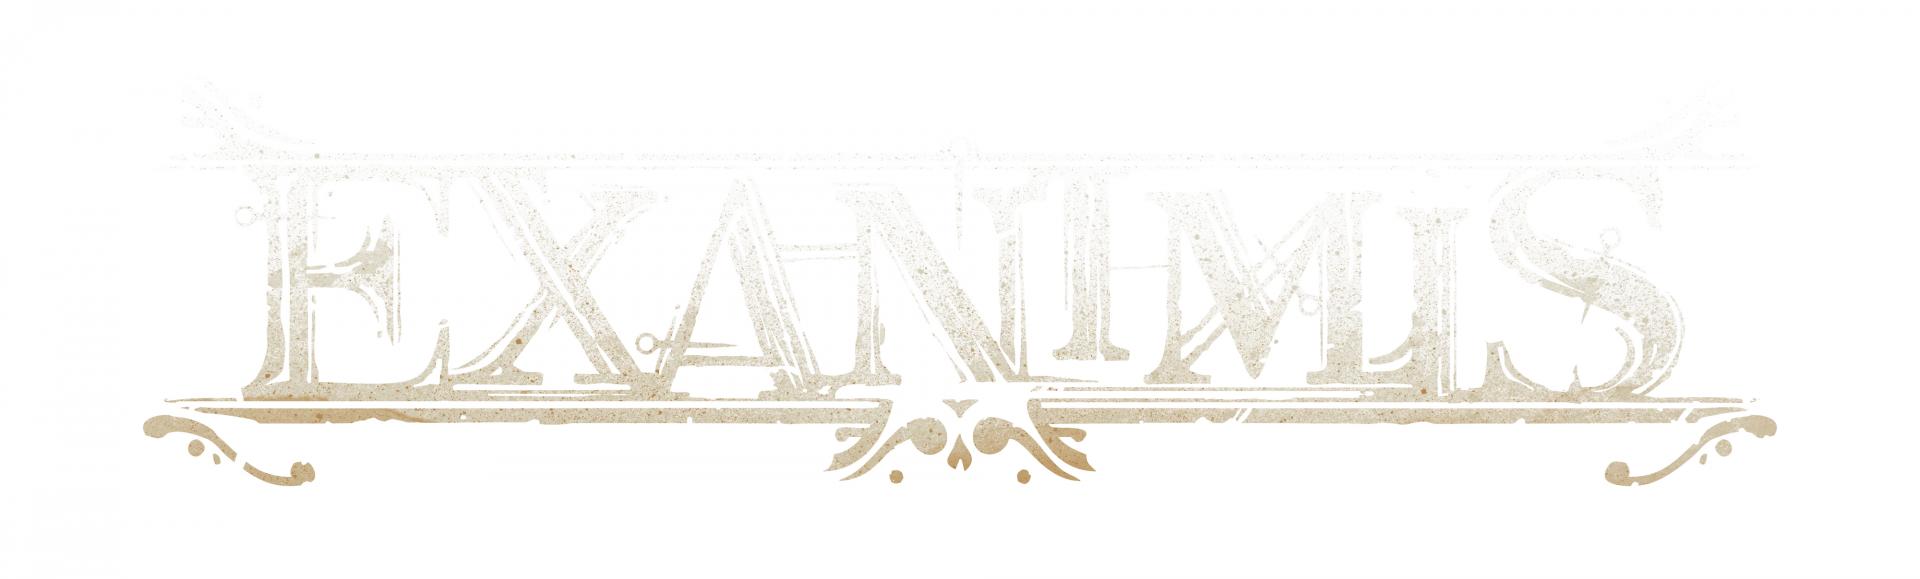 Logo exanimis texture